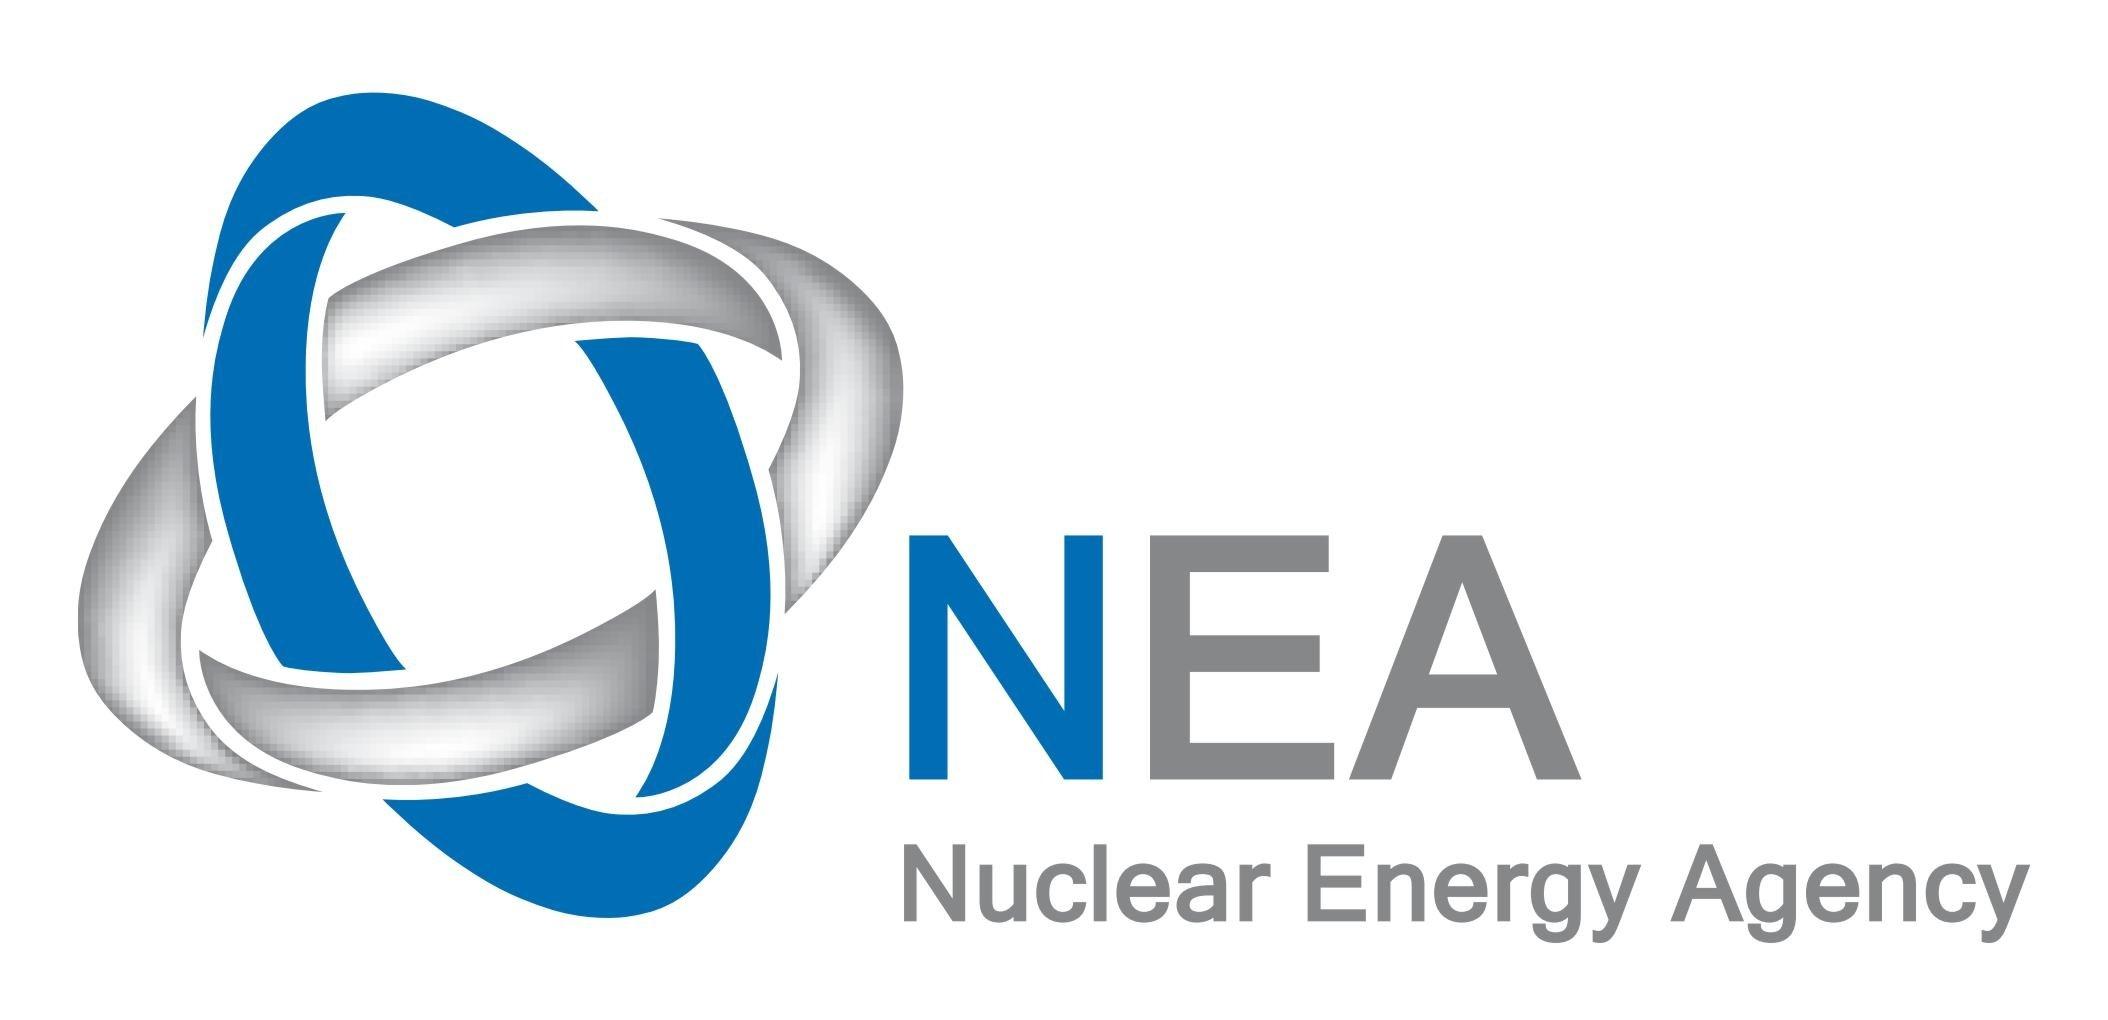 nuclear-energy-agency.jpg